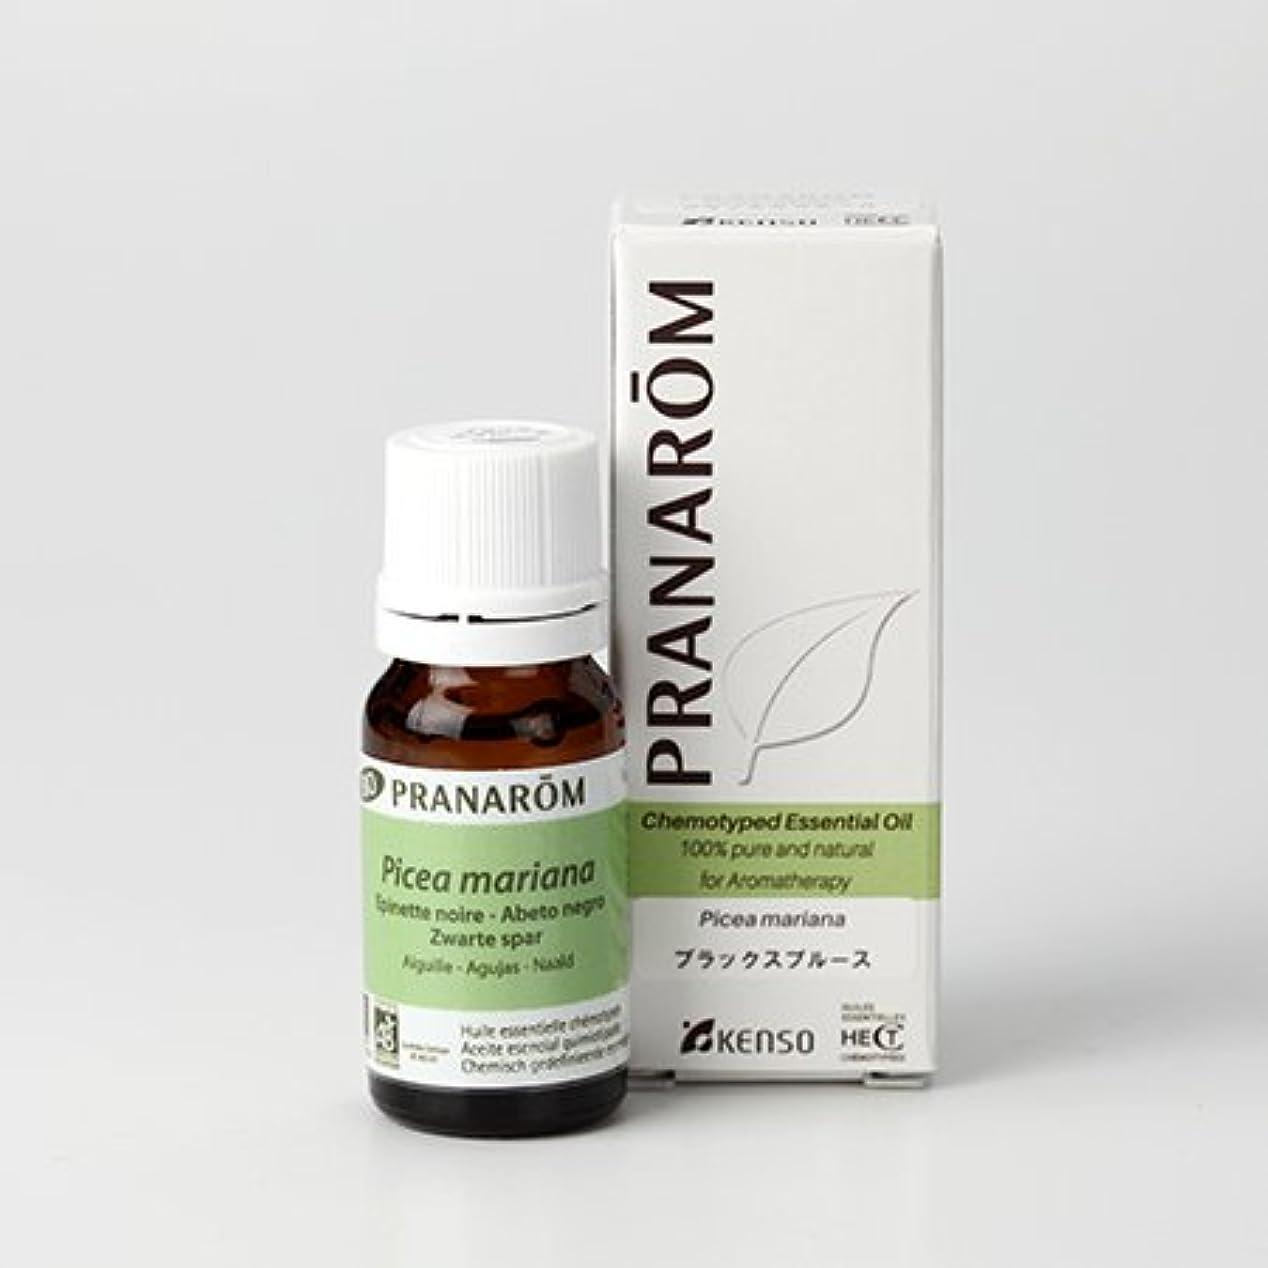 増強するハミングバードみなすプラナロム ( PRANAROM ) 精油 ブラックスプルース 10ml p-146